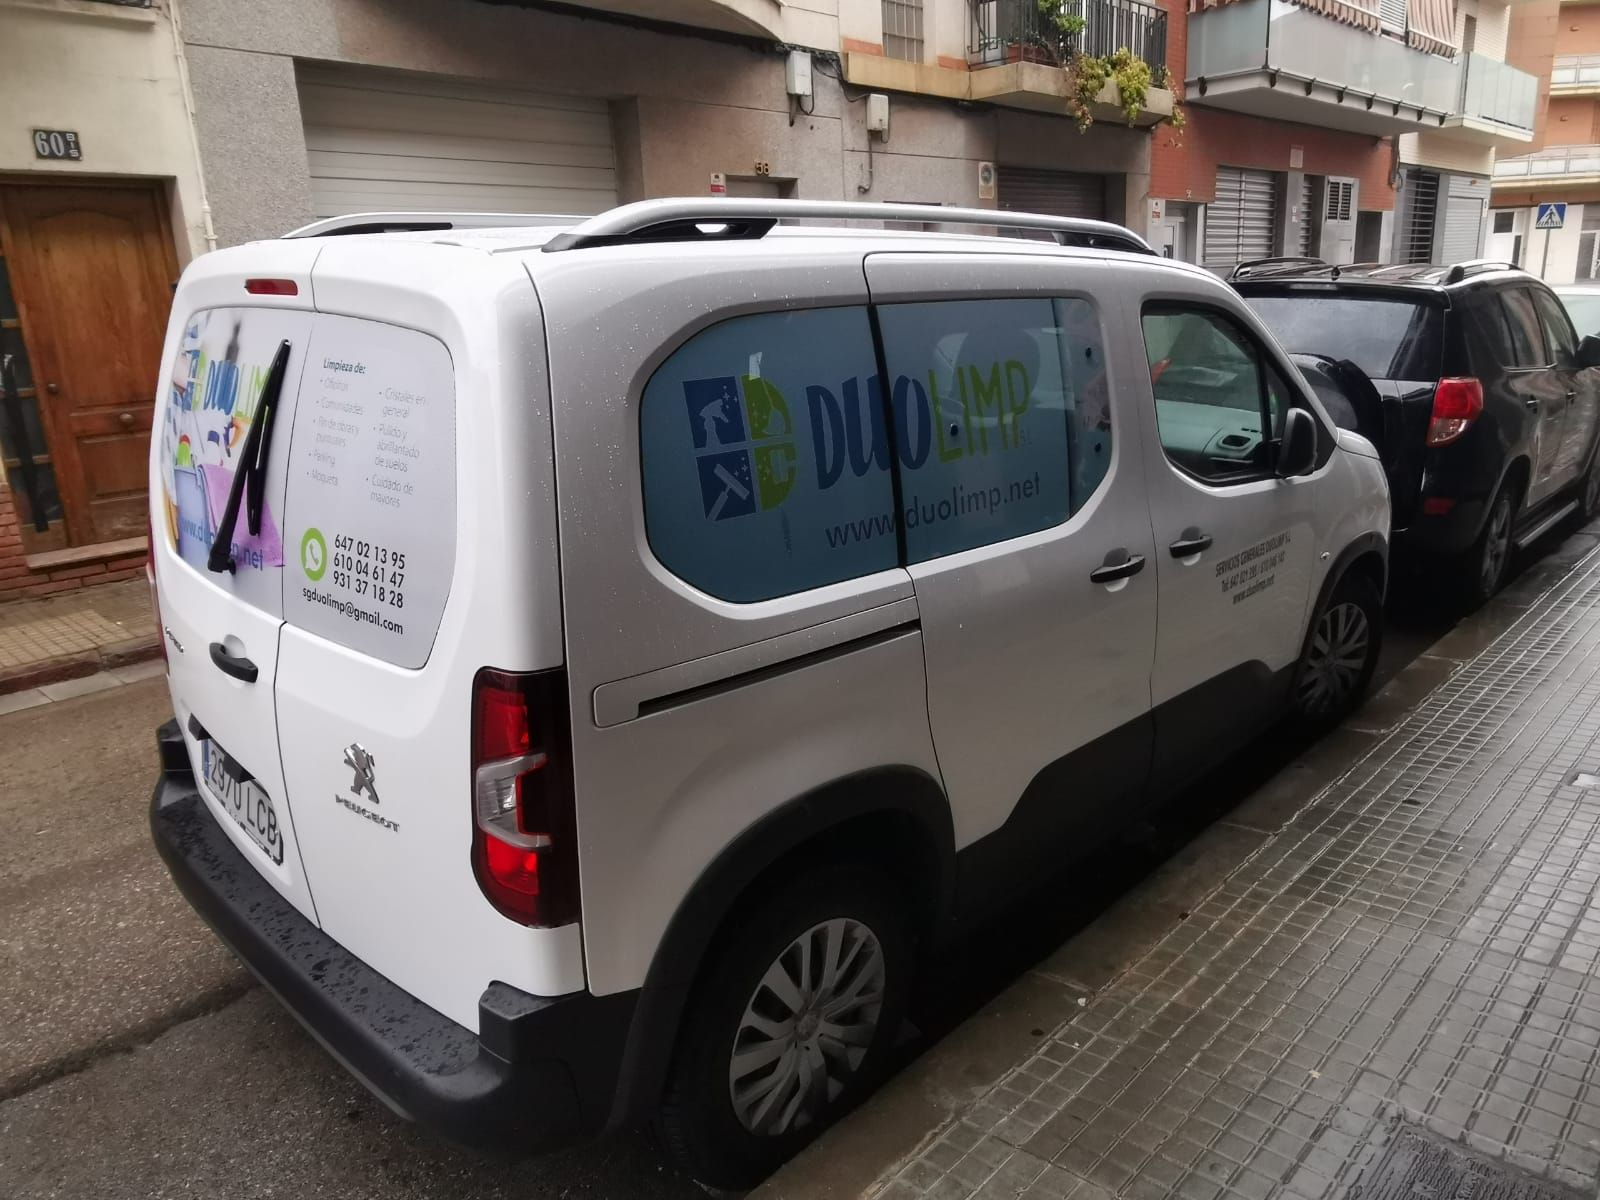 Flota de vehículo de Duolimp